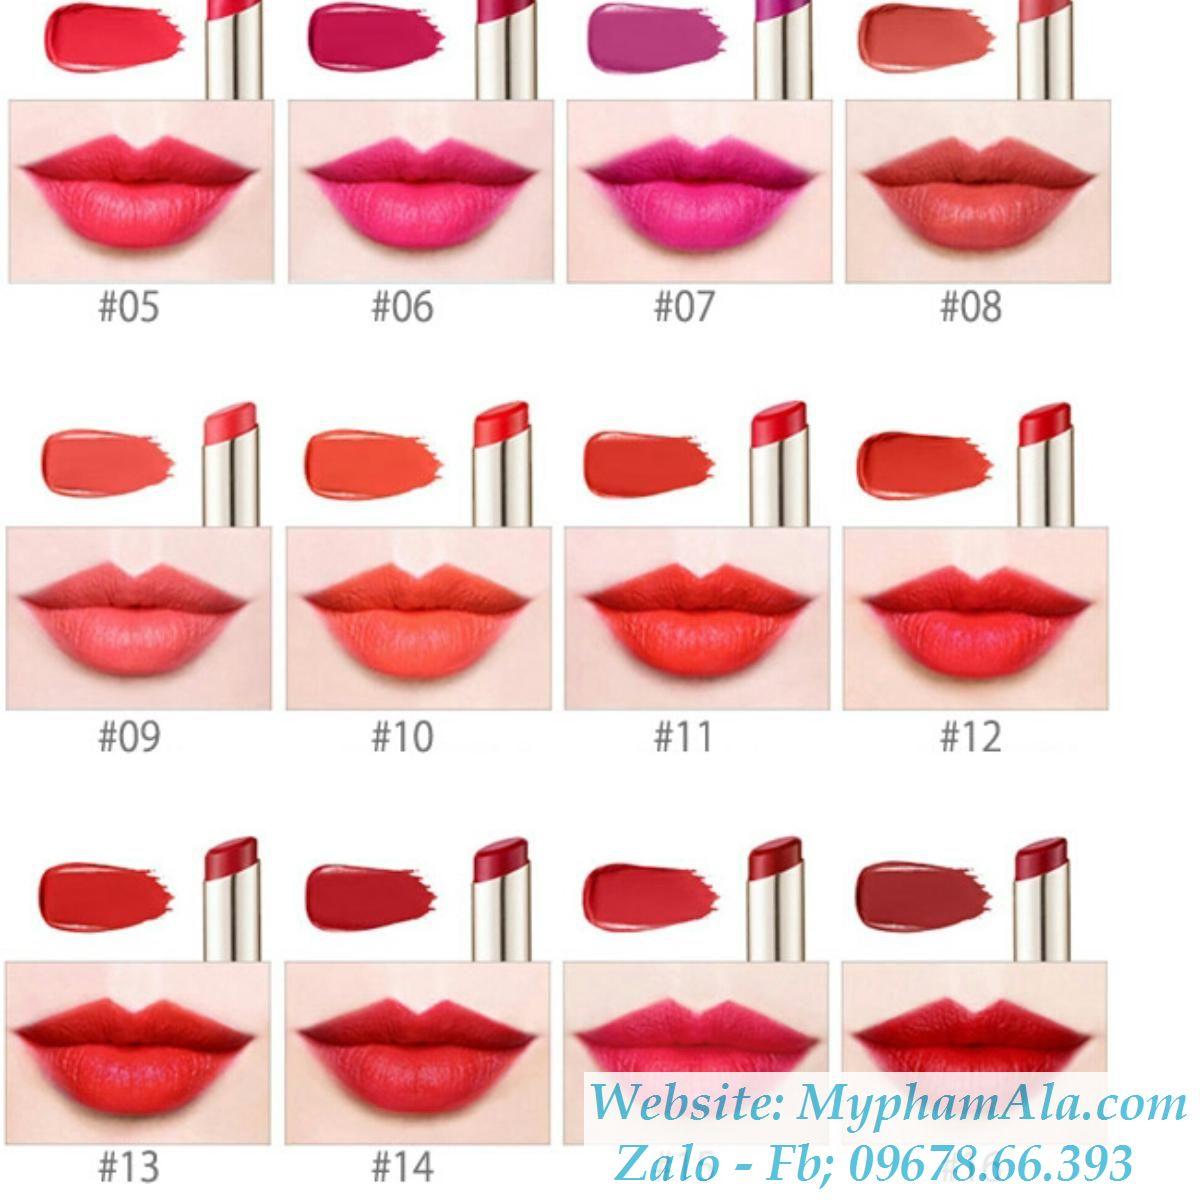 son-thoi-mamonde-true-color-lipstic_result